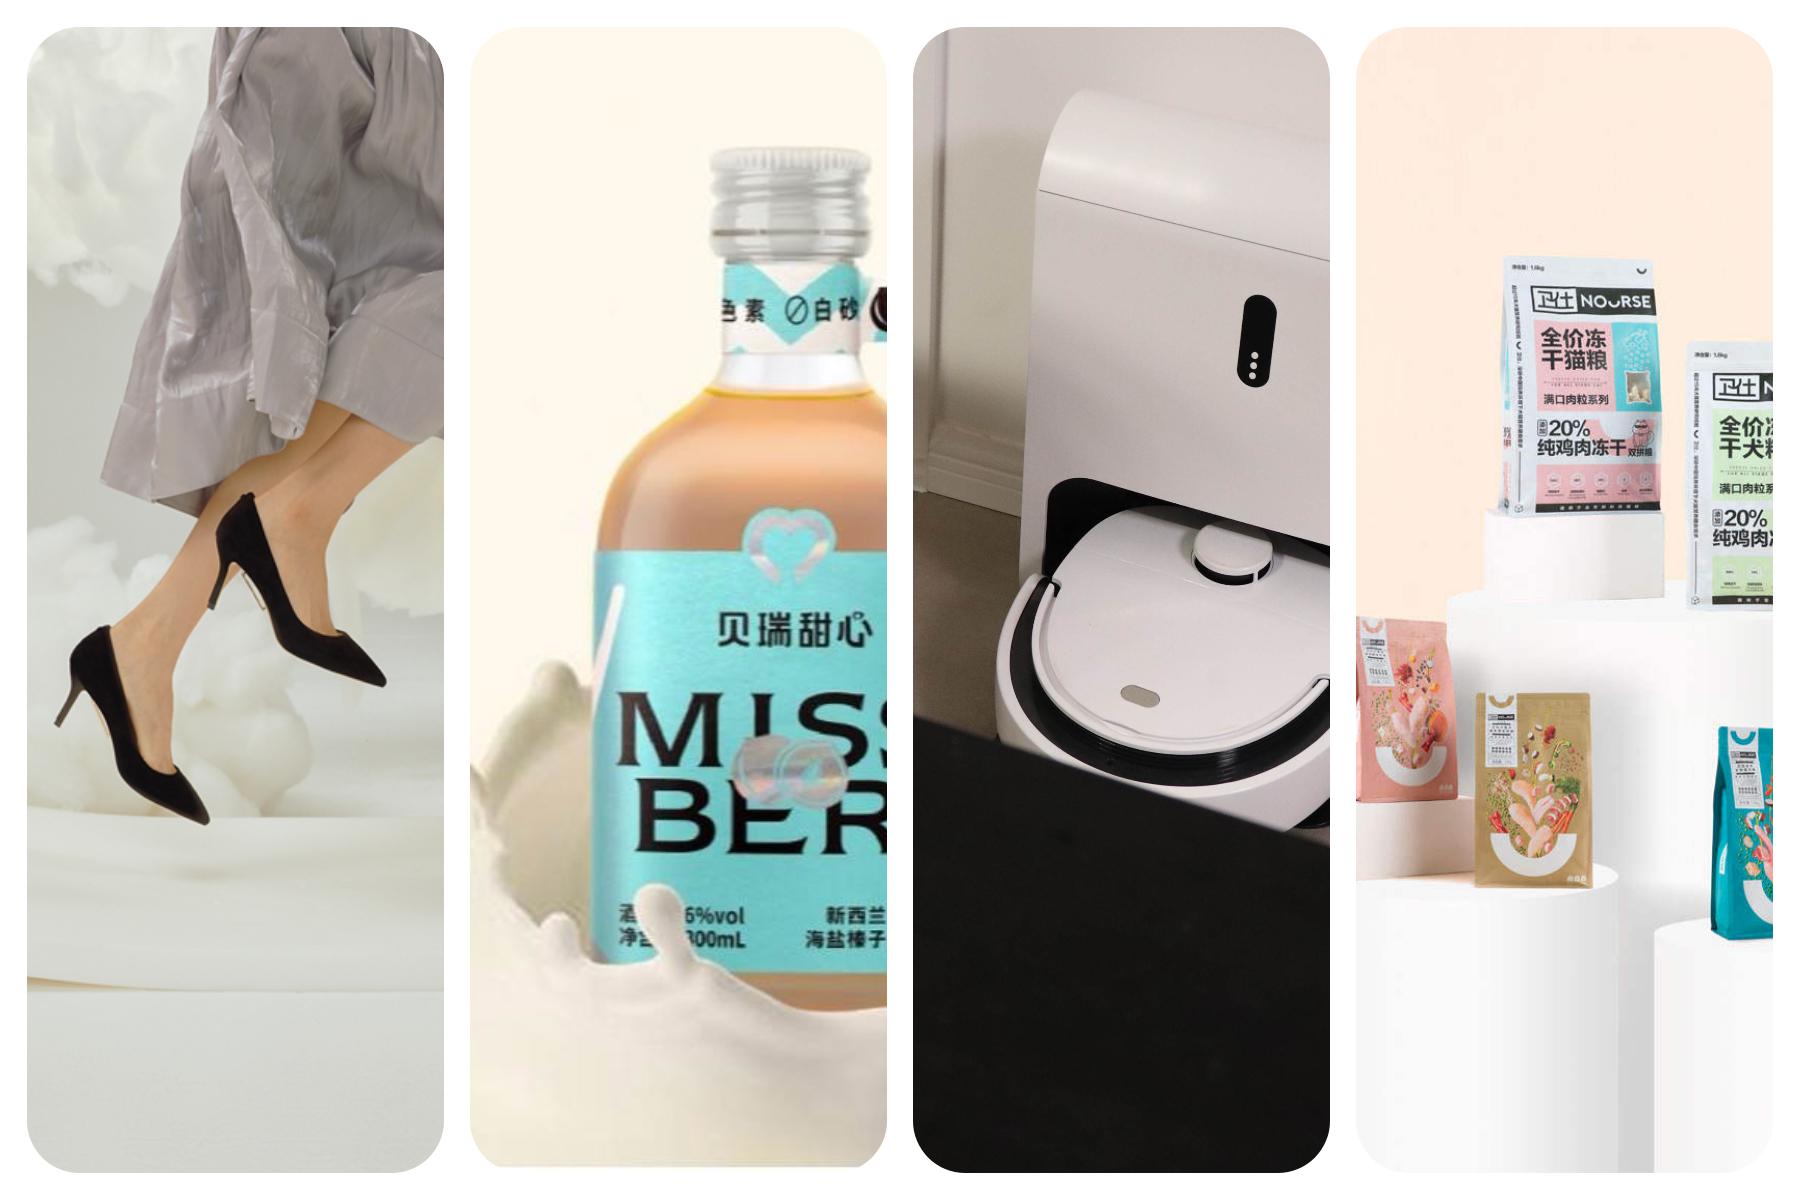 【华丽中国投资周报】2021年第19期:6家中国时尚消费企业完成新一轮融资